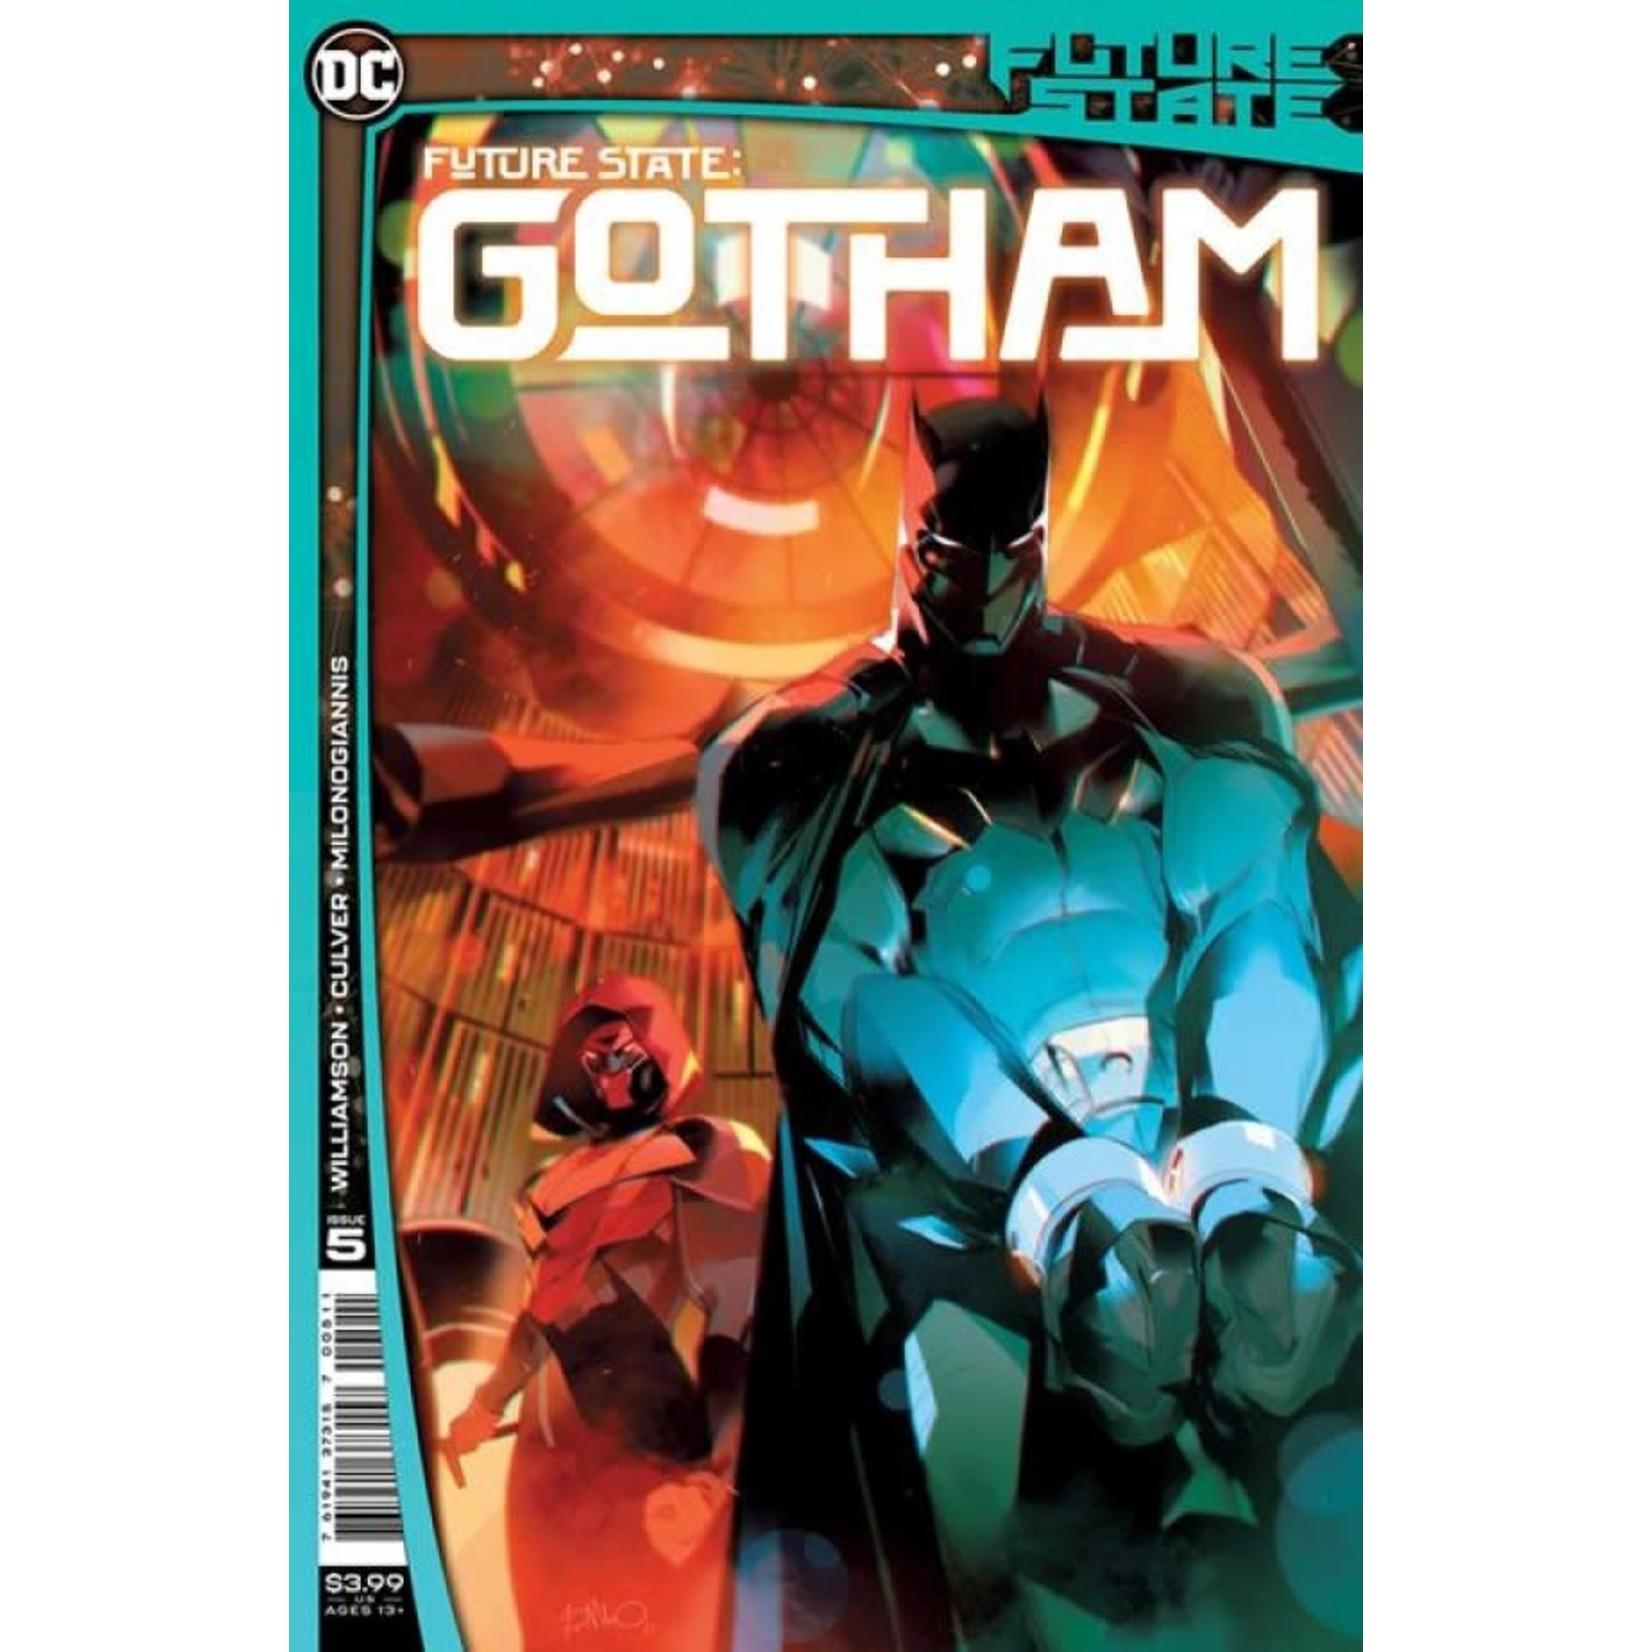 DC Comics Future State: Gotham #5